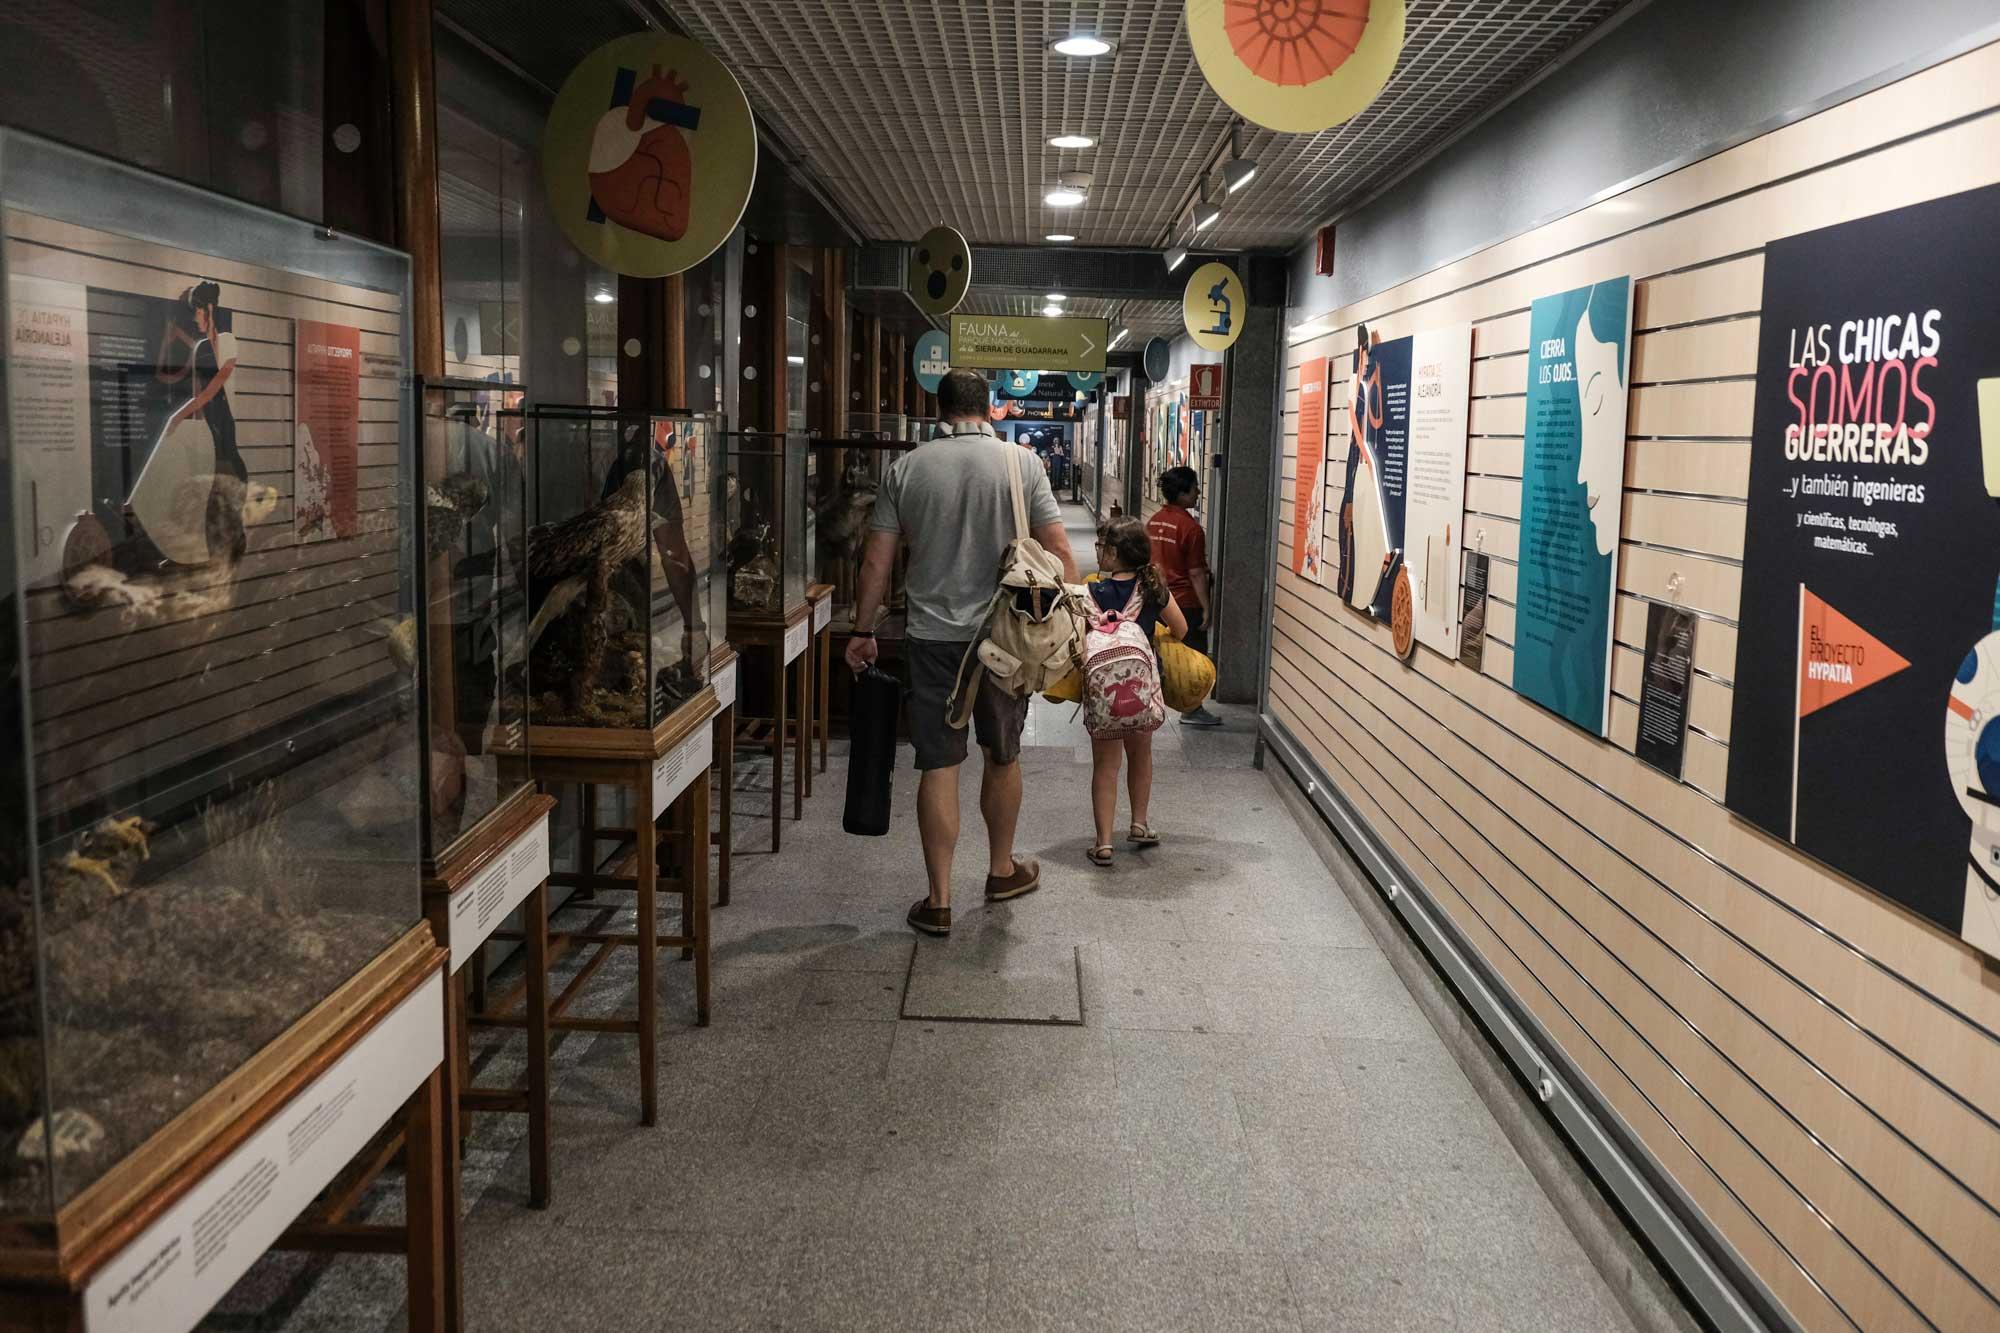 Atravesar los pasillos del museo con la esterilla y el saco para pasar la noche, emocionante.